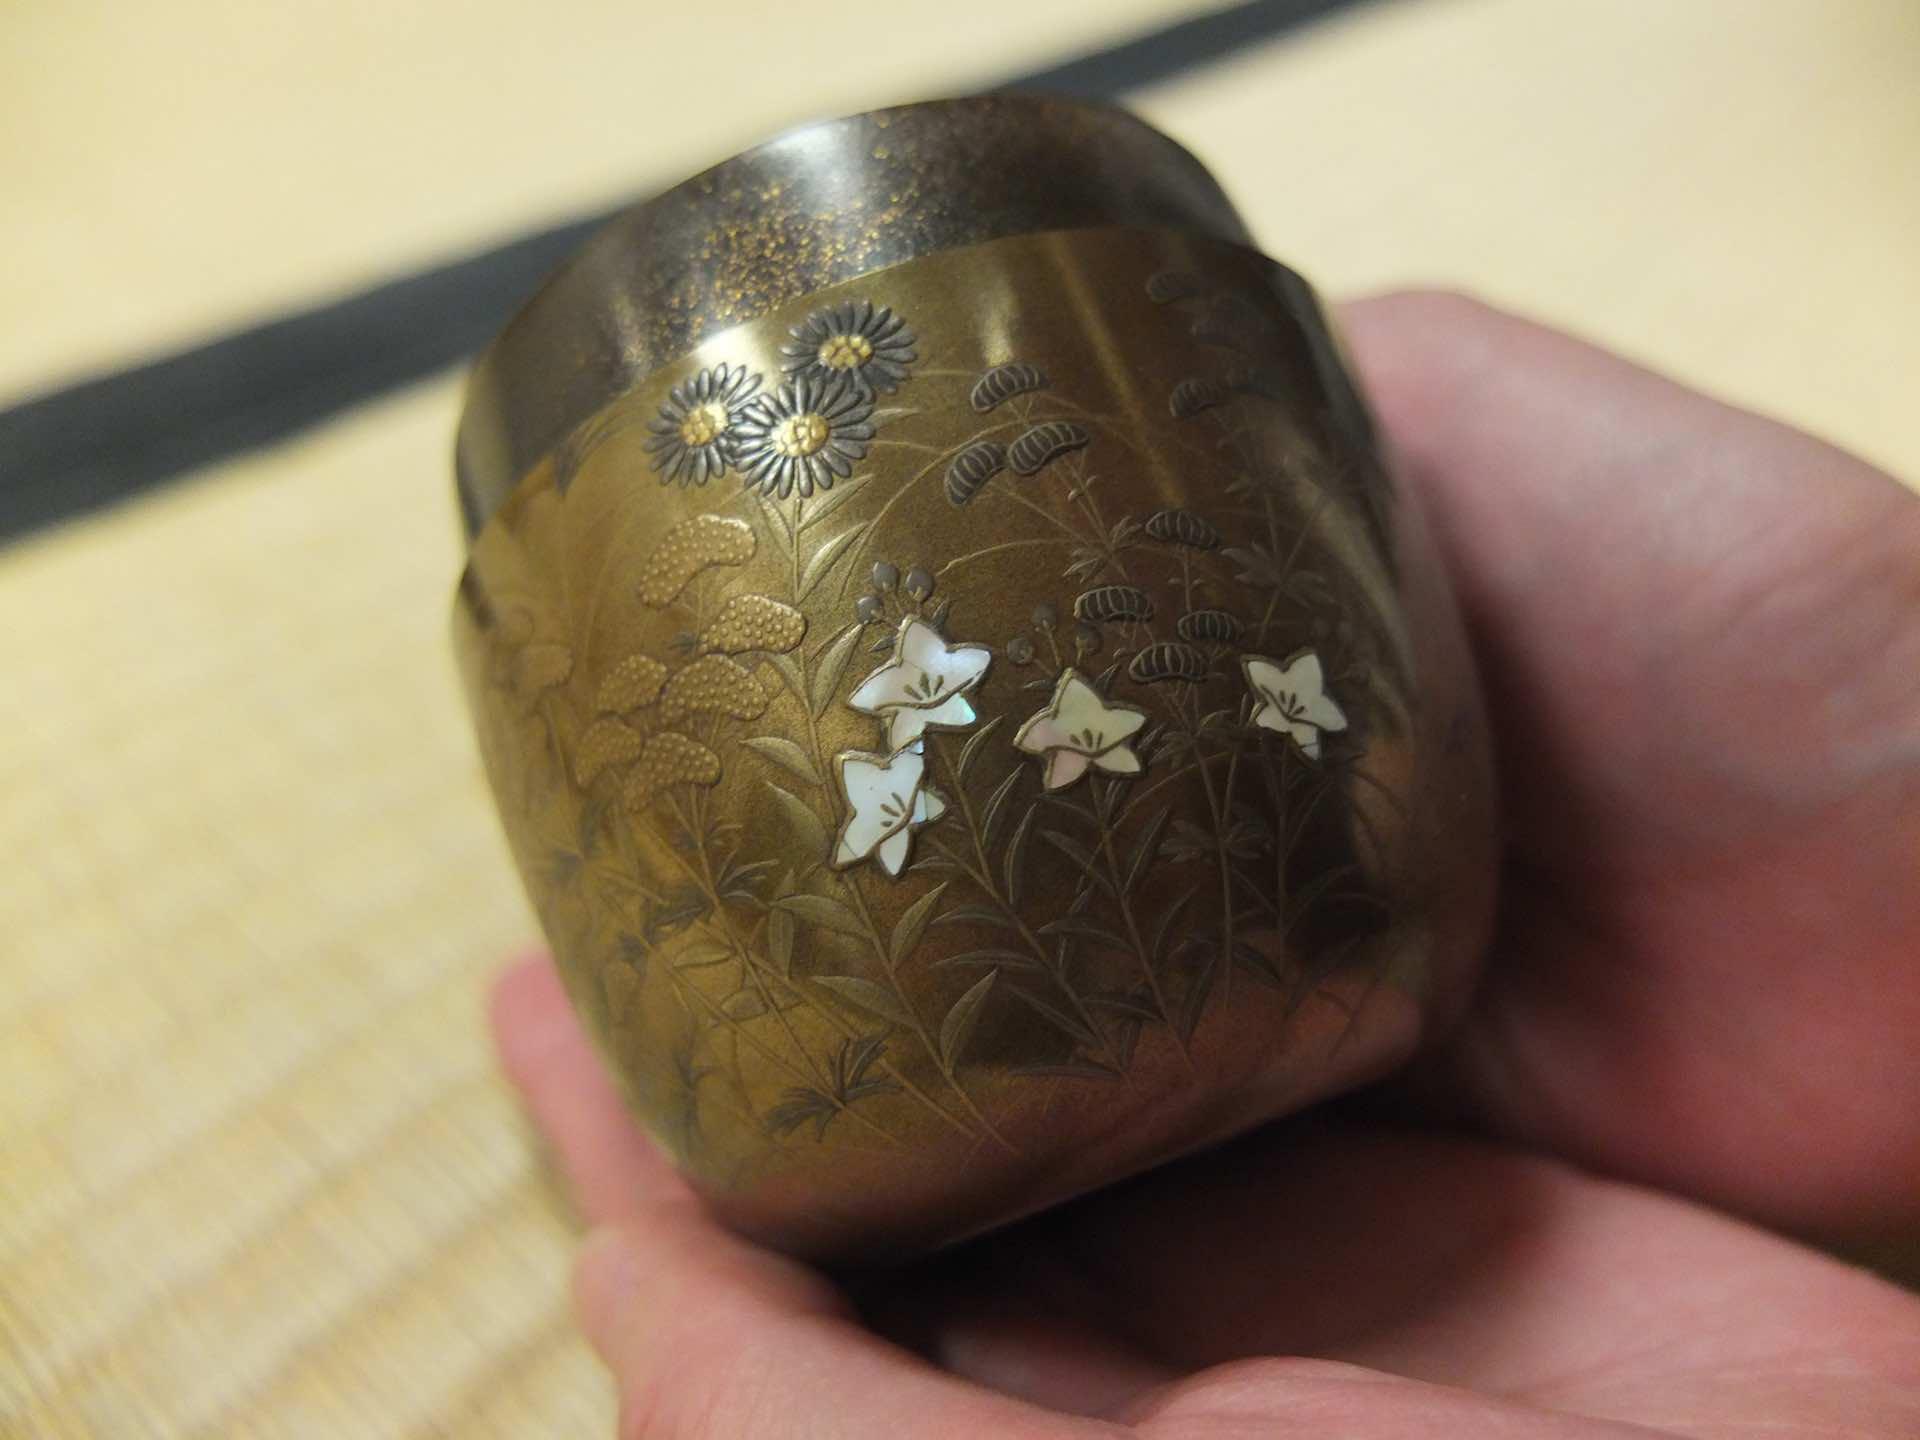 江戸時代、松江藩の名君として知られる松平不昧公 (ふまいこう) ゆかりの秋の棗。貝殻細工を切って花をあしらい、全体に金銀を塗ってあります